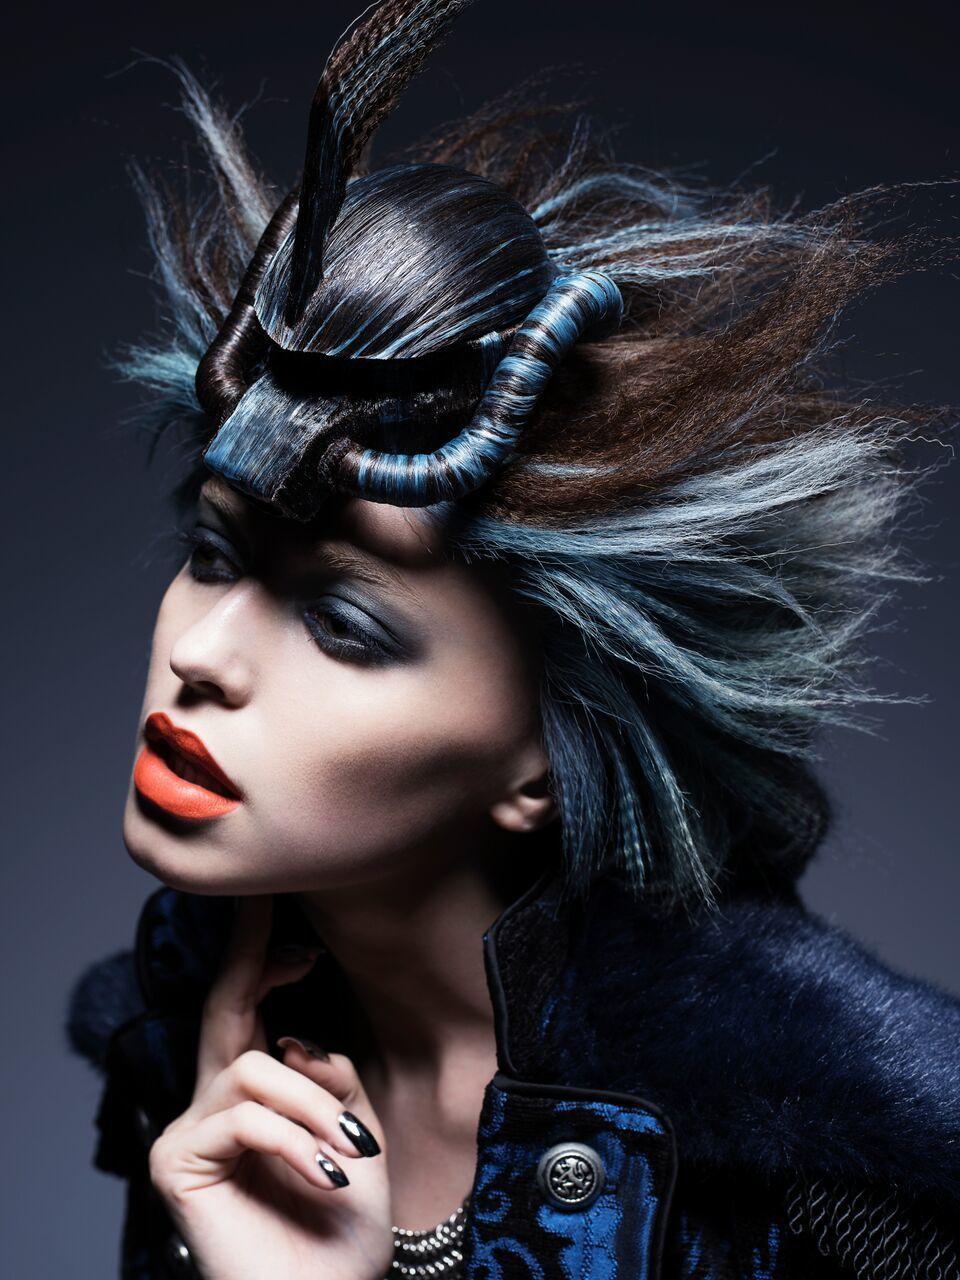 原田忠創意髮妝涵蓋髮藝、彩妝、服裝、模特兒姿態、拍攝手法、燈光等所有元素。圖/資...